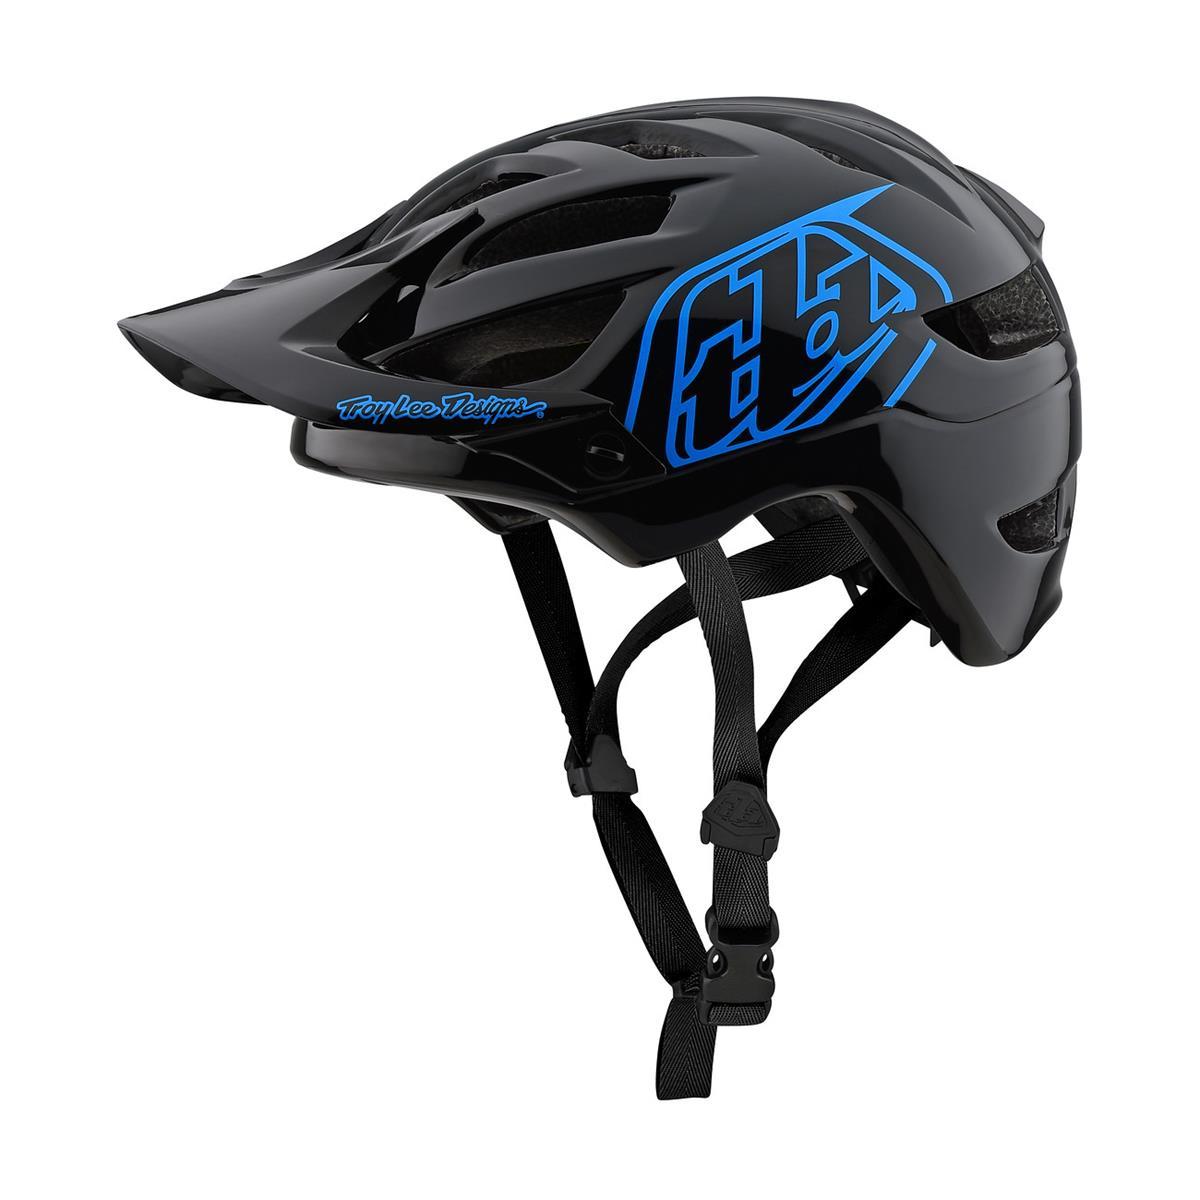 Troy Lee Designs Kids Enduro MTB Helmet A1 MIPS Drone - Black/Blue